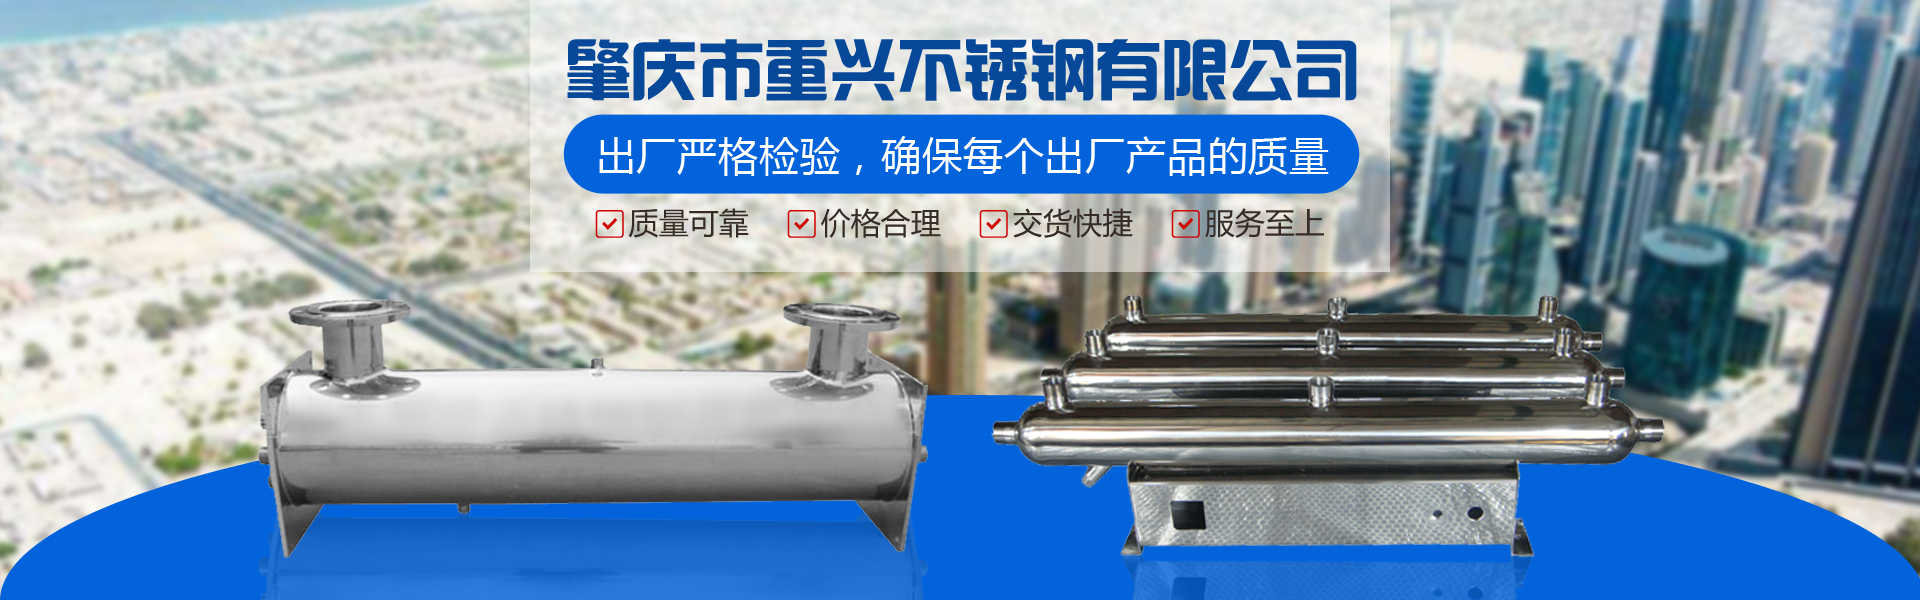 肇庆市重兴不锈钢有限公司专业生产不锈钢集分水器、不锈钢紫外线杀菌器等不锈钢制品。出厂严格检验,确保每个出厂产品的质量。